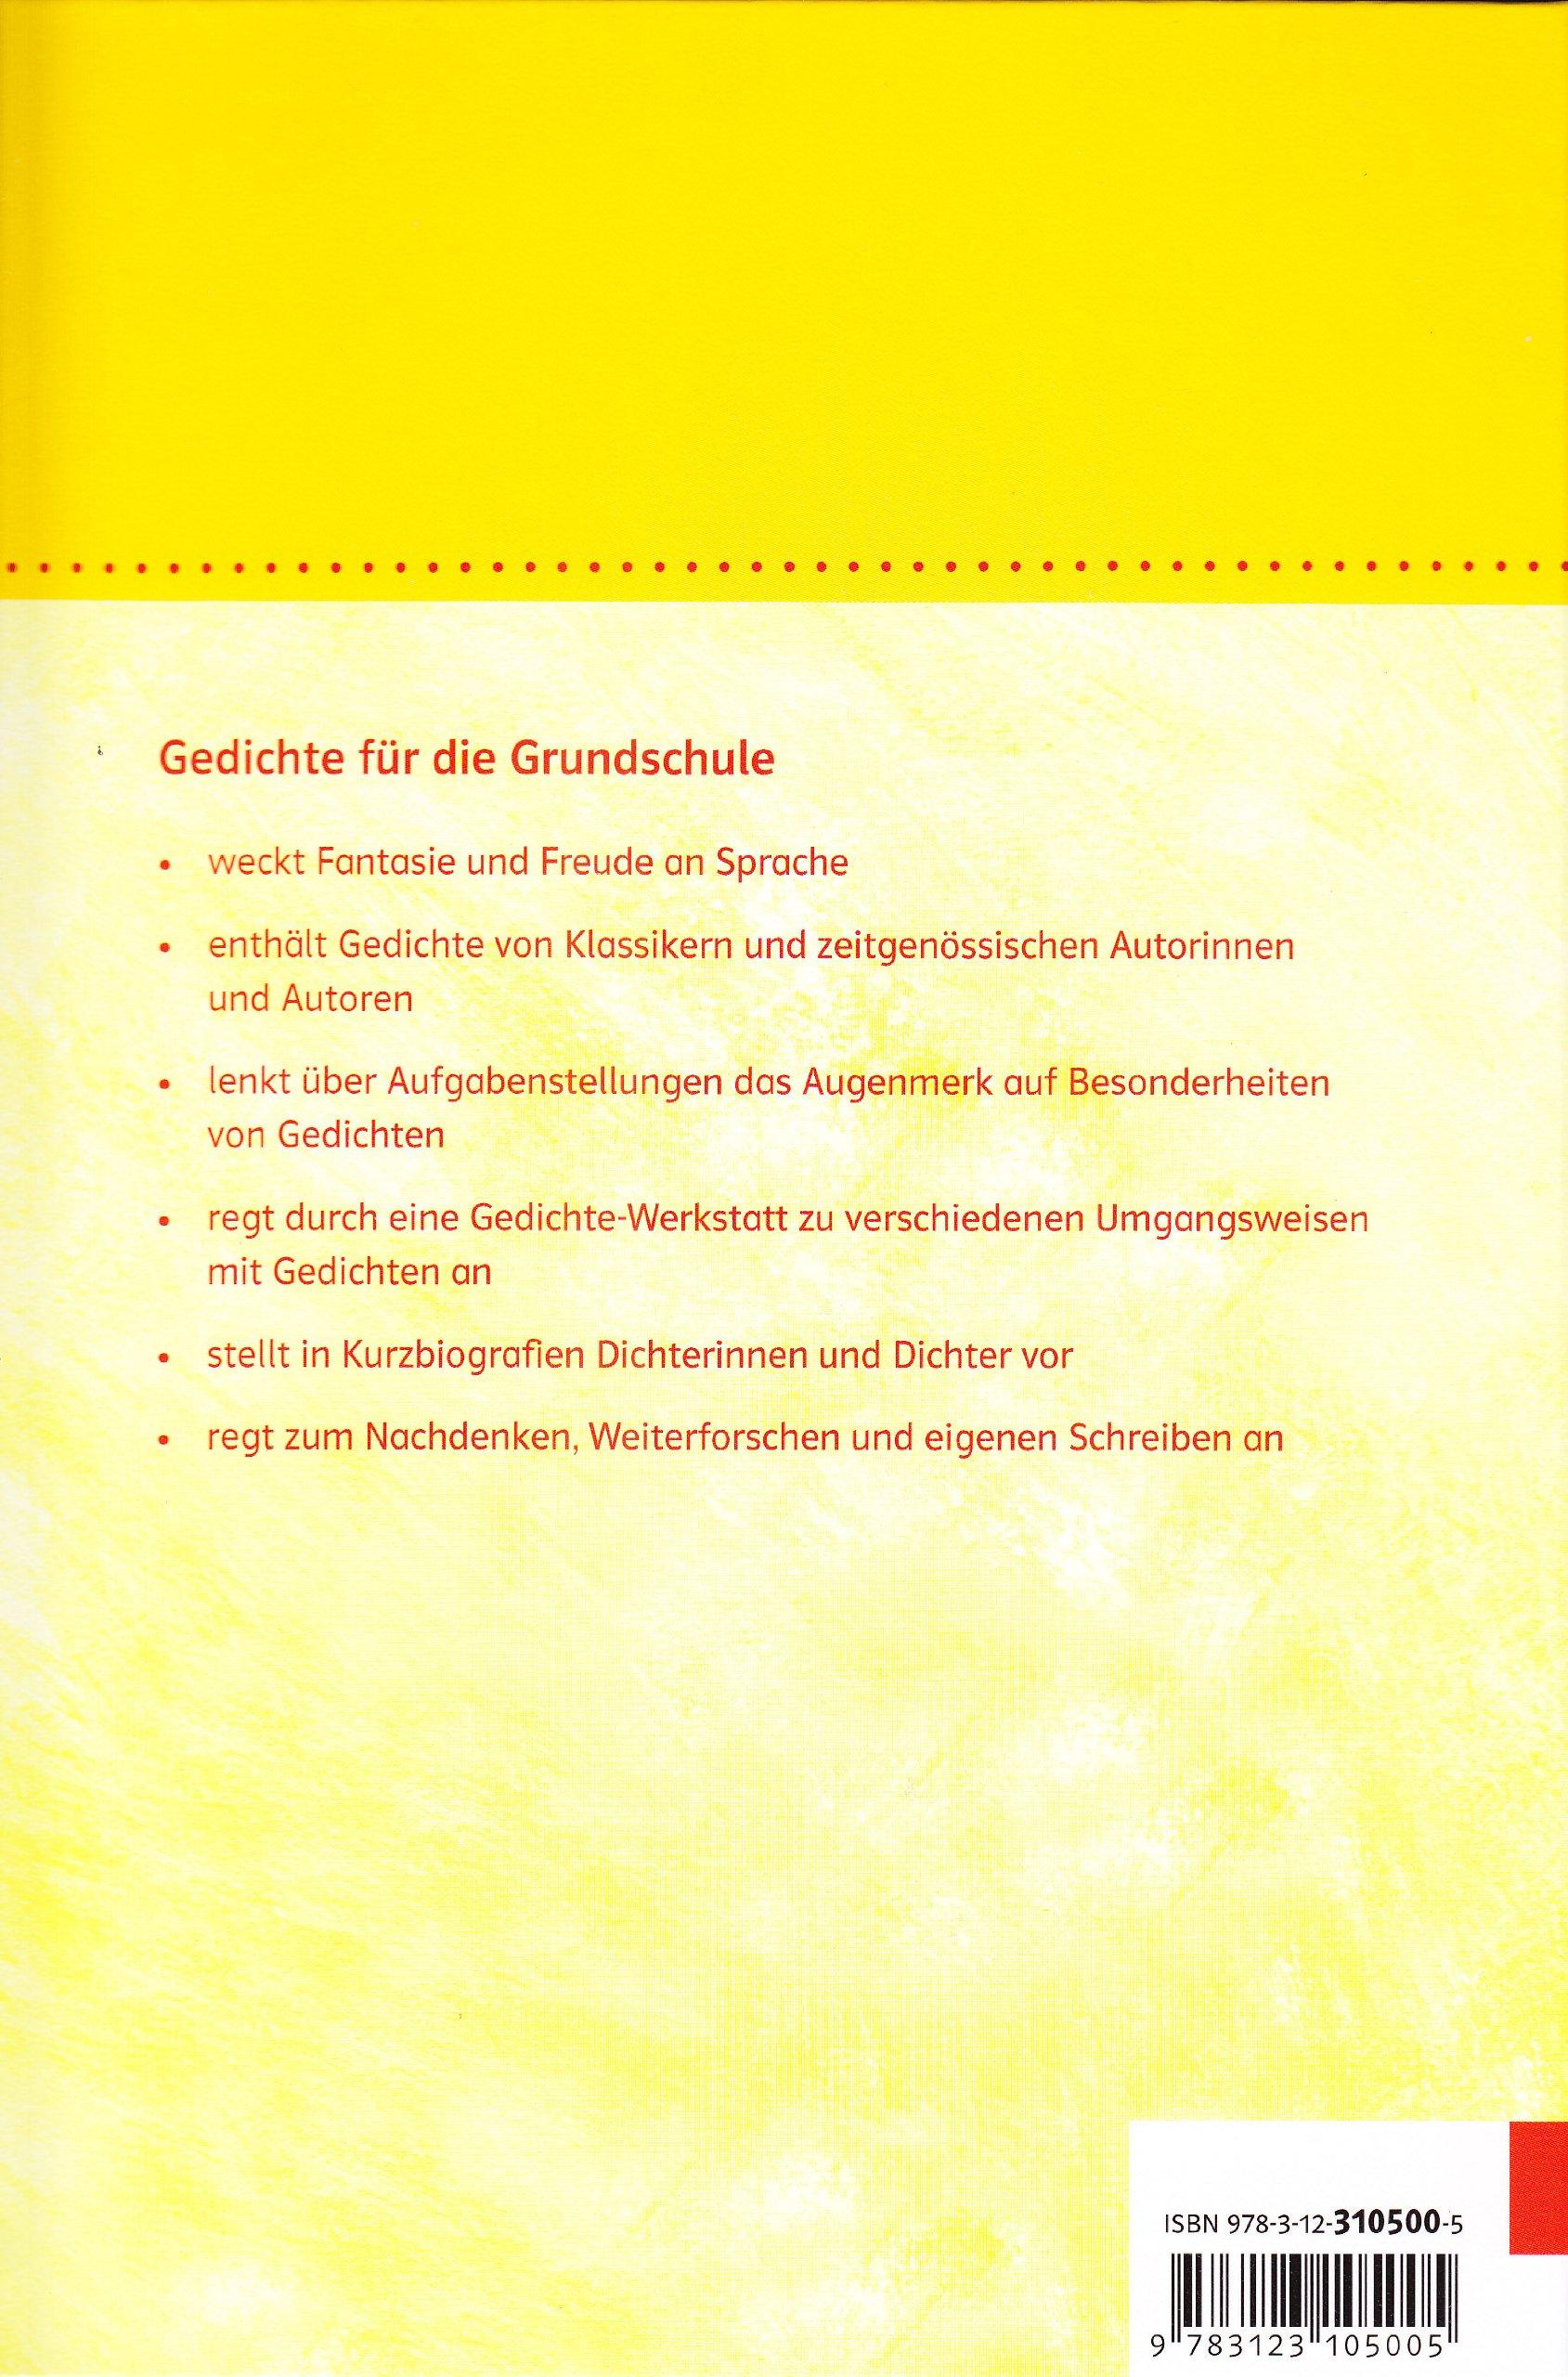 Gedichte Fur Die Grundschule 1 4 Schuljahr 9783123105005